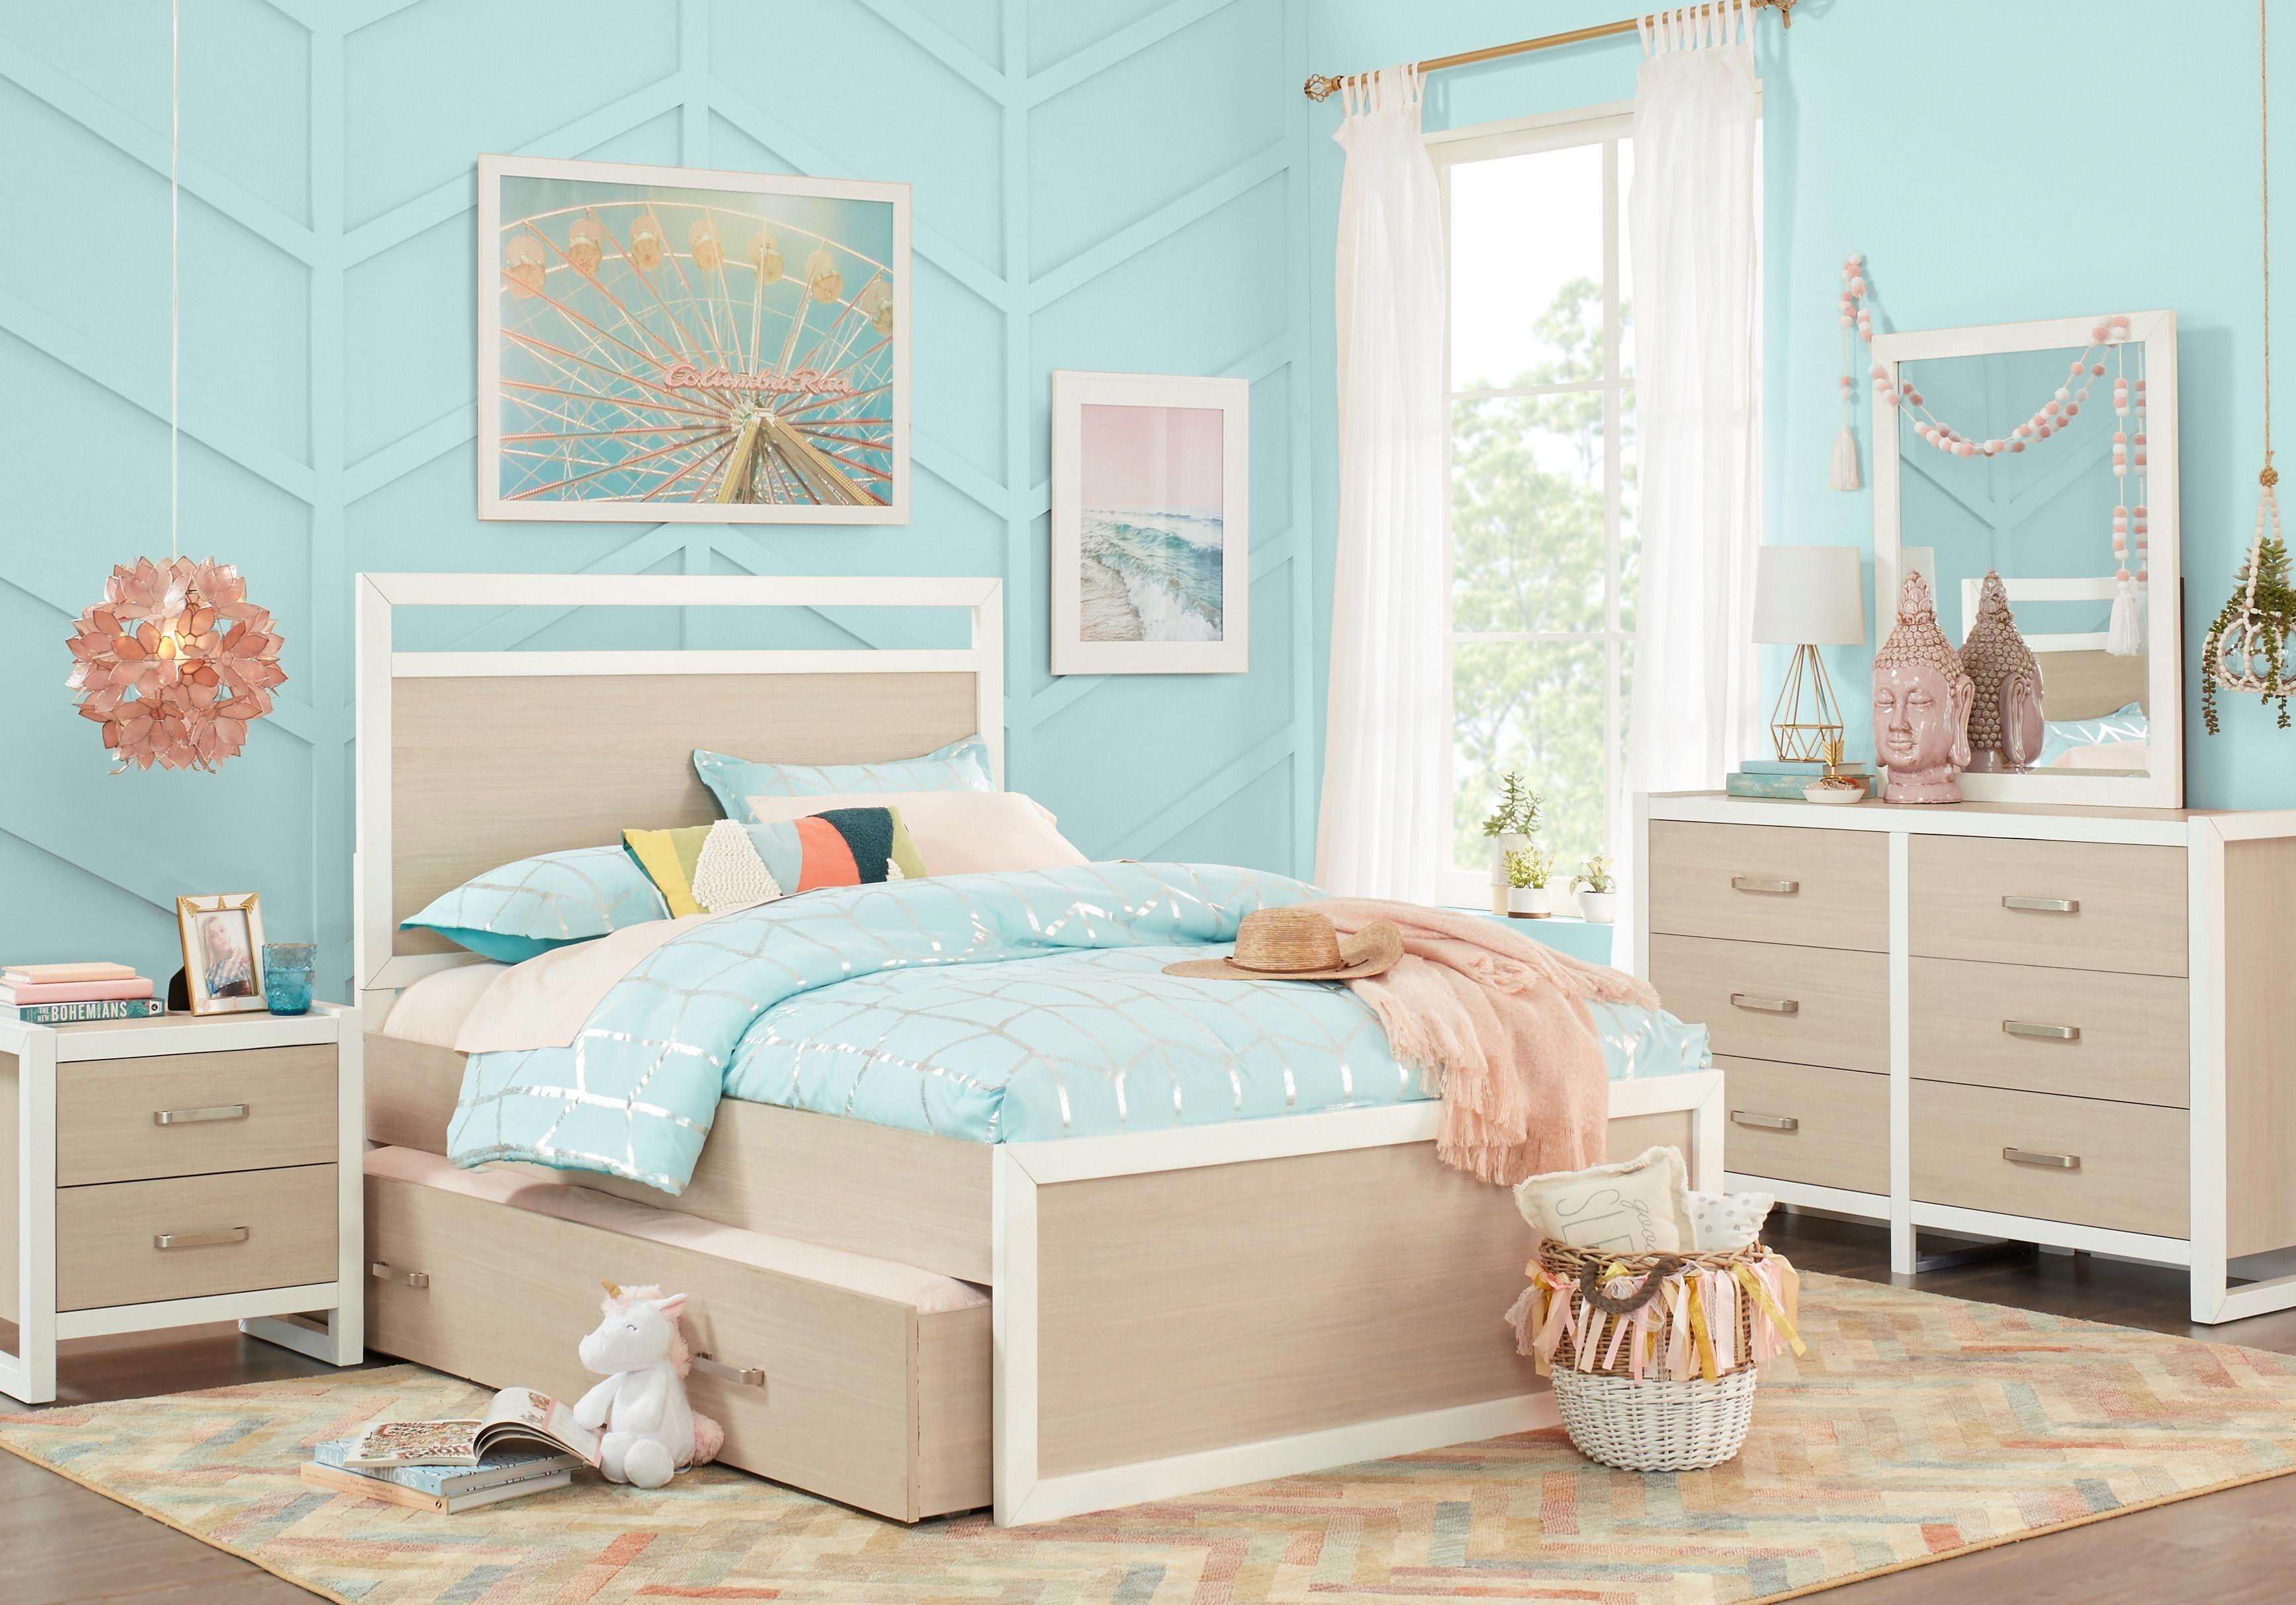 Pin On Teen Girl Bedrooms Rad Decor Ideas